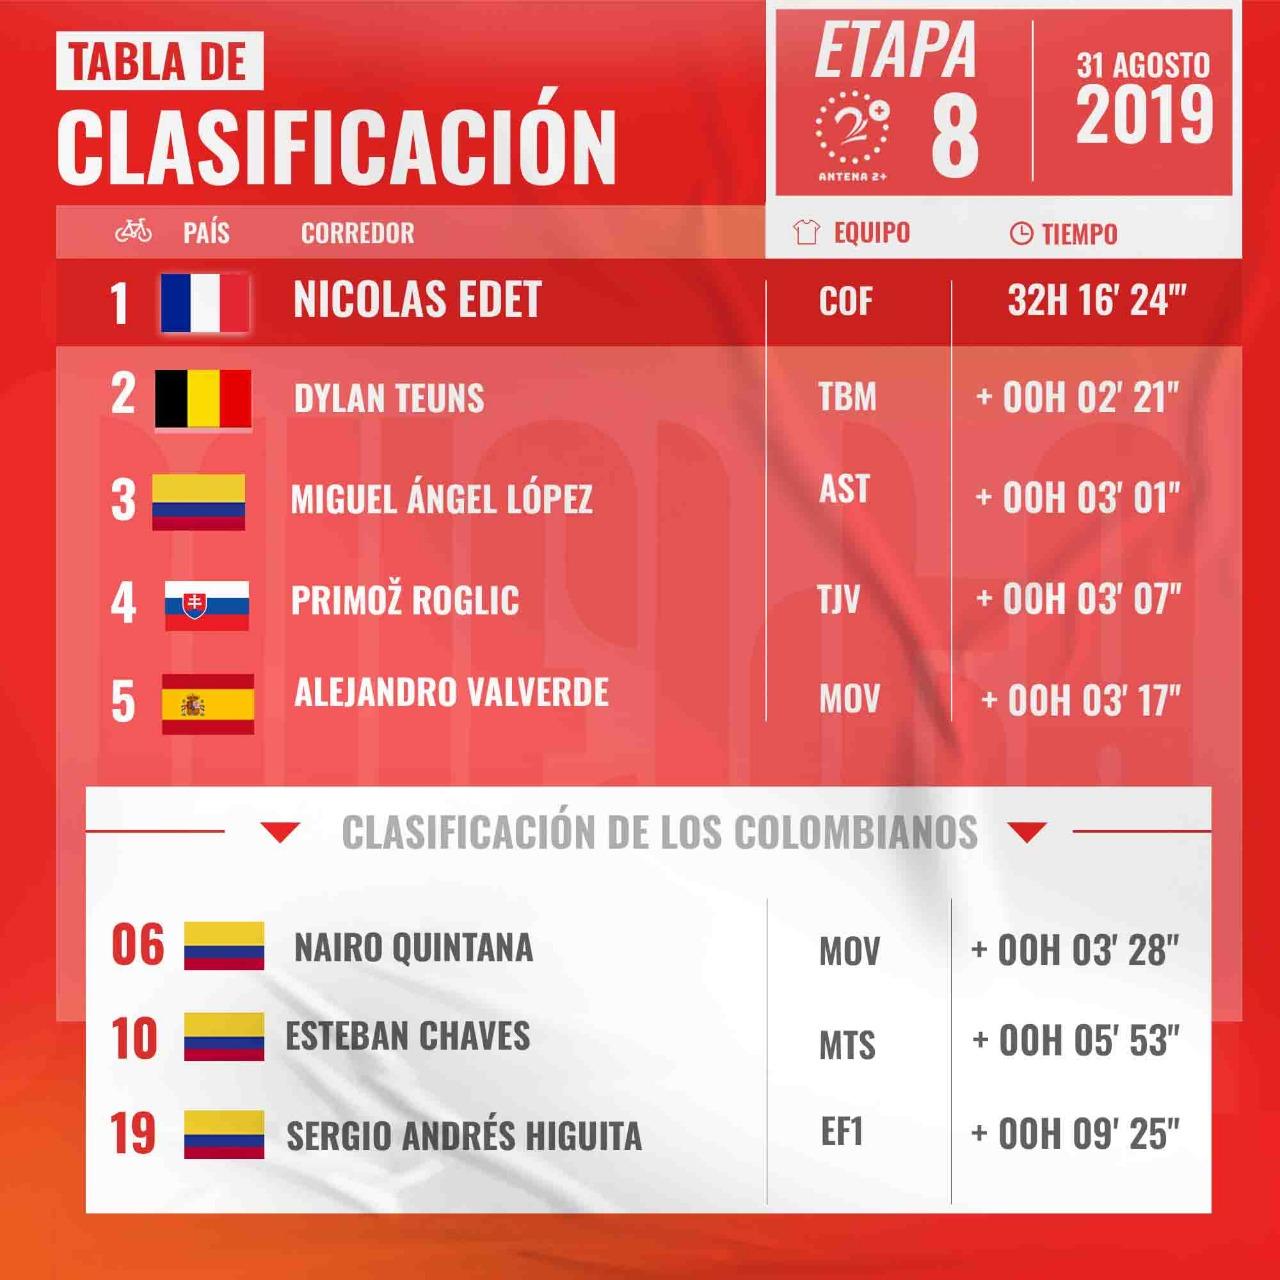 Clasificación Vuelta a España etapa 8, 2019